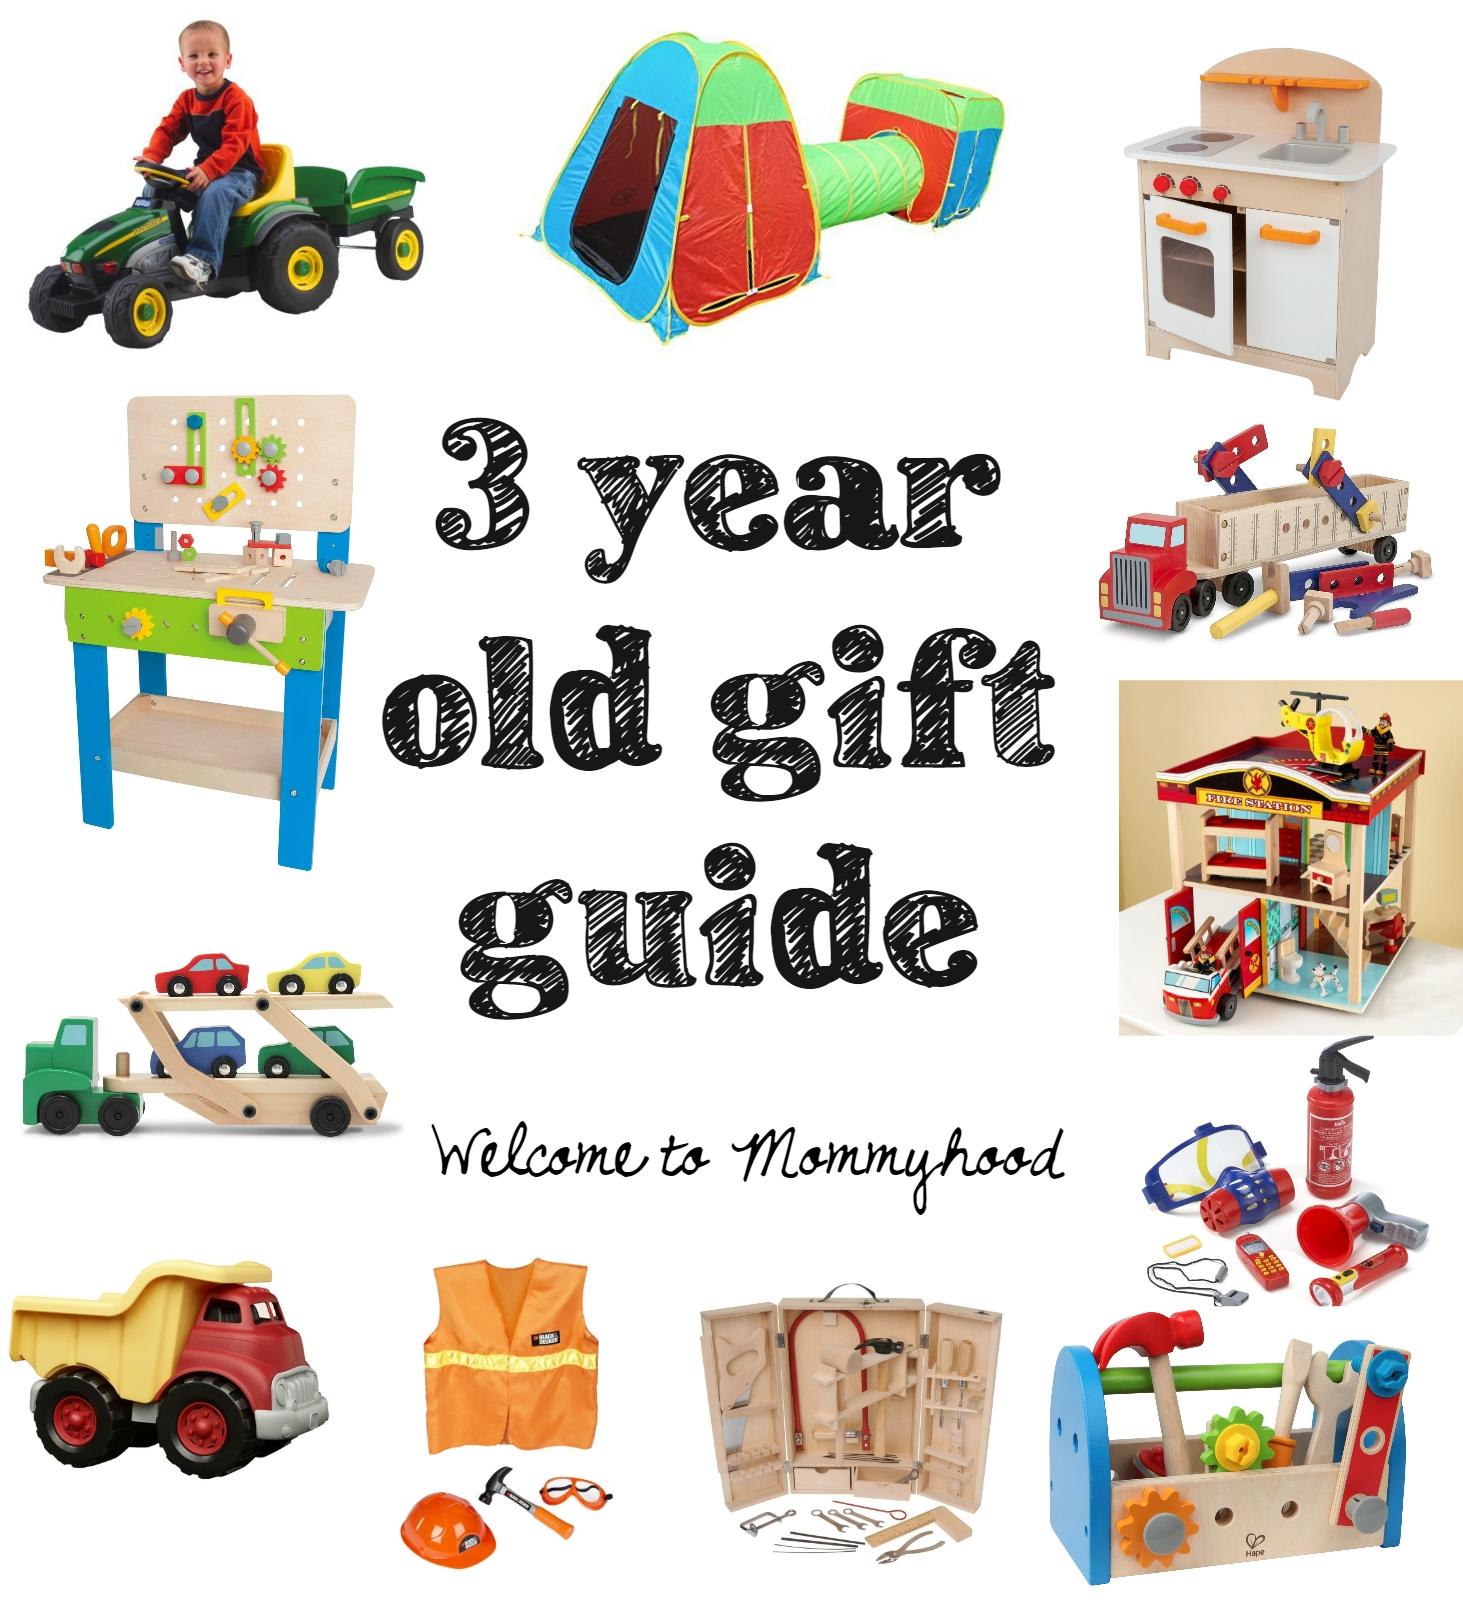 10 Wonderful Birthday Gift Ideas For 3 Year Old Boy birthday gift ideas for a 3 year old third gift and birthdays 7 2020